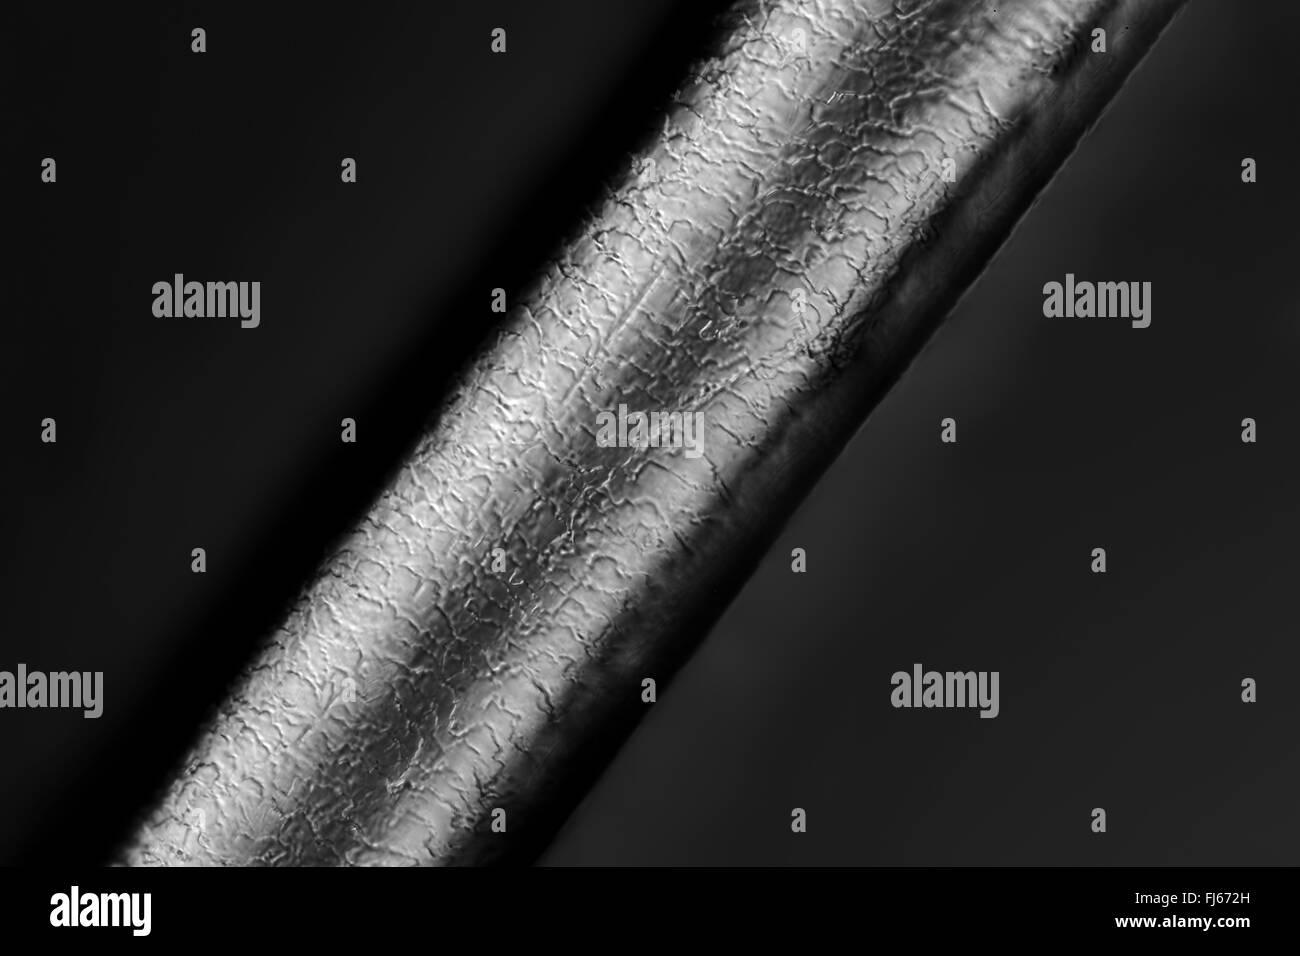 Persone, esseri umani, esseri umani (Homo sapiens sapiens), capelli umani microscopici Immagini Stock